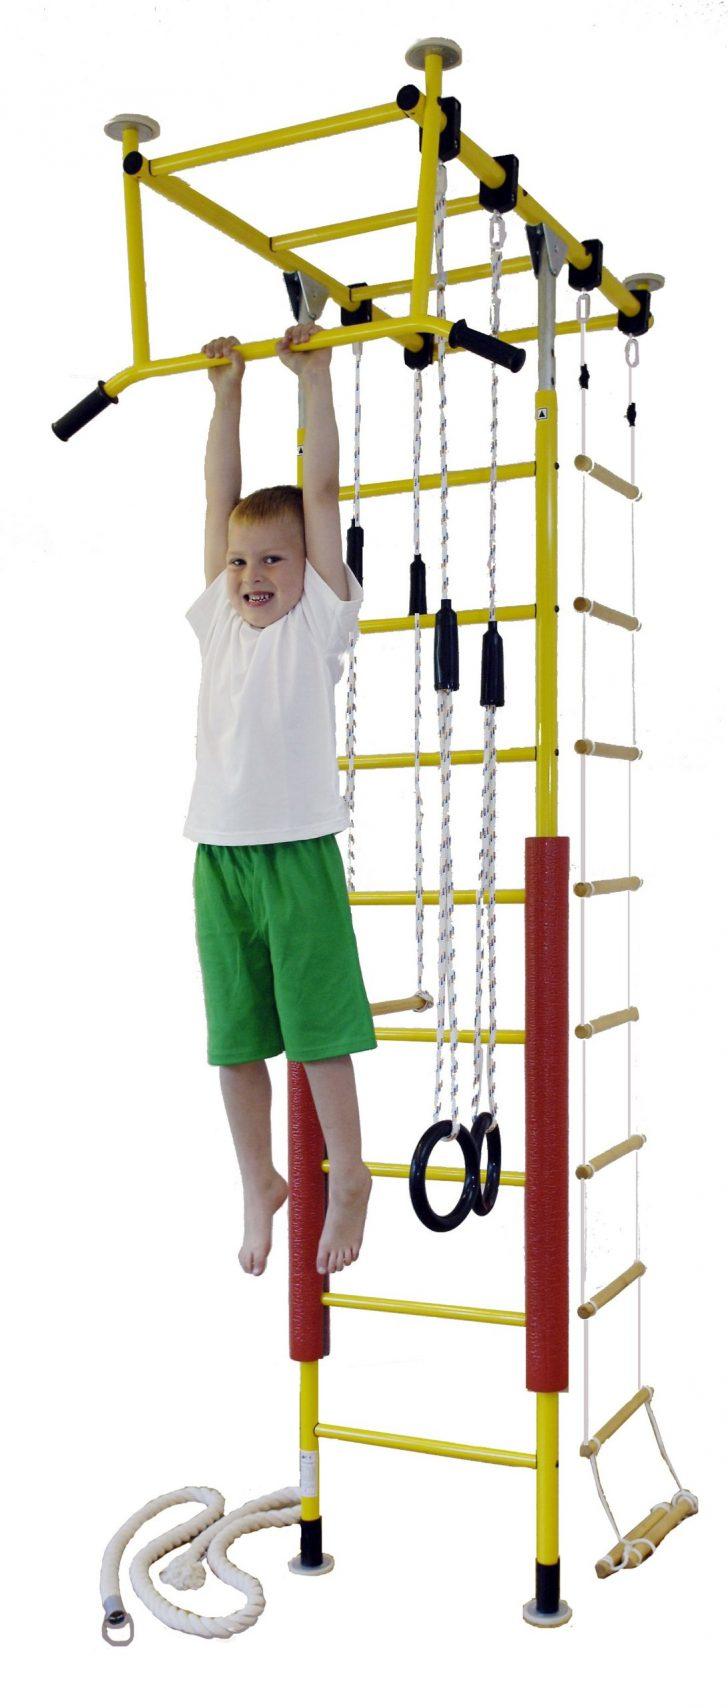 Medium Size of Am Besten Bewertete Produkte In Der Kategorie Turntrainingsgerte Klettergerüst Garten Wohnzimmer Klettergerüst Indoor